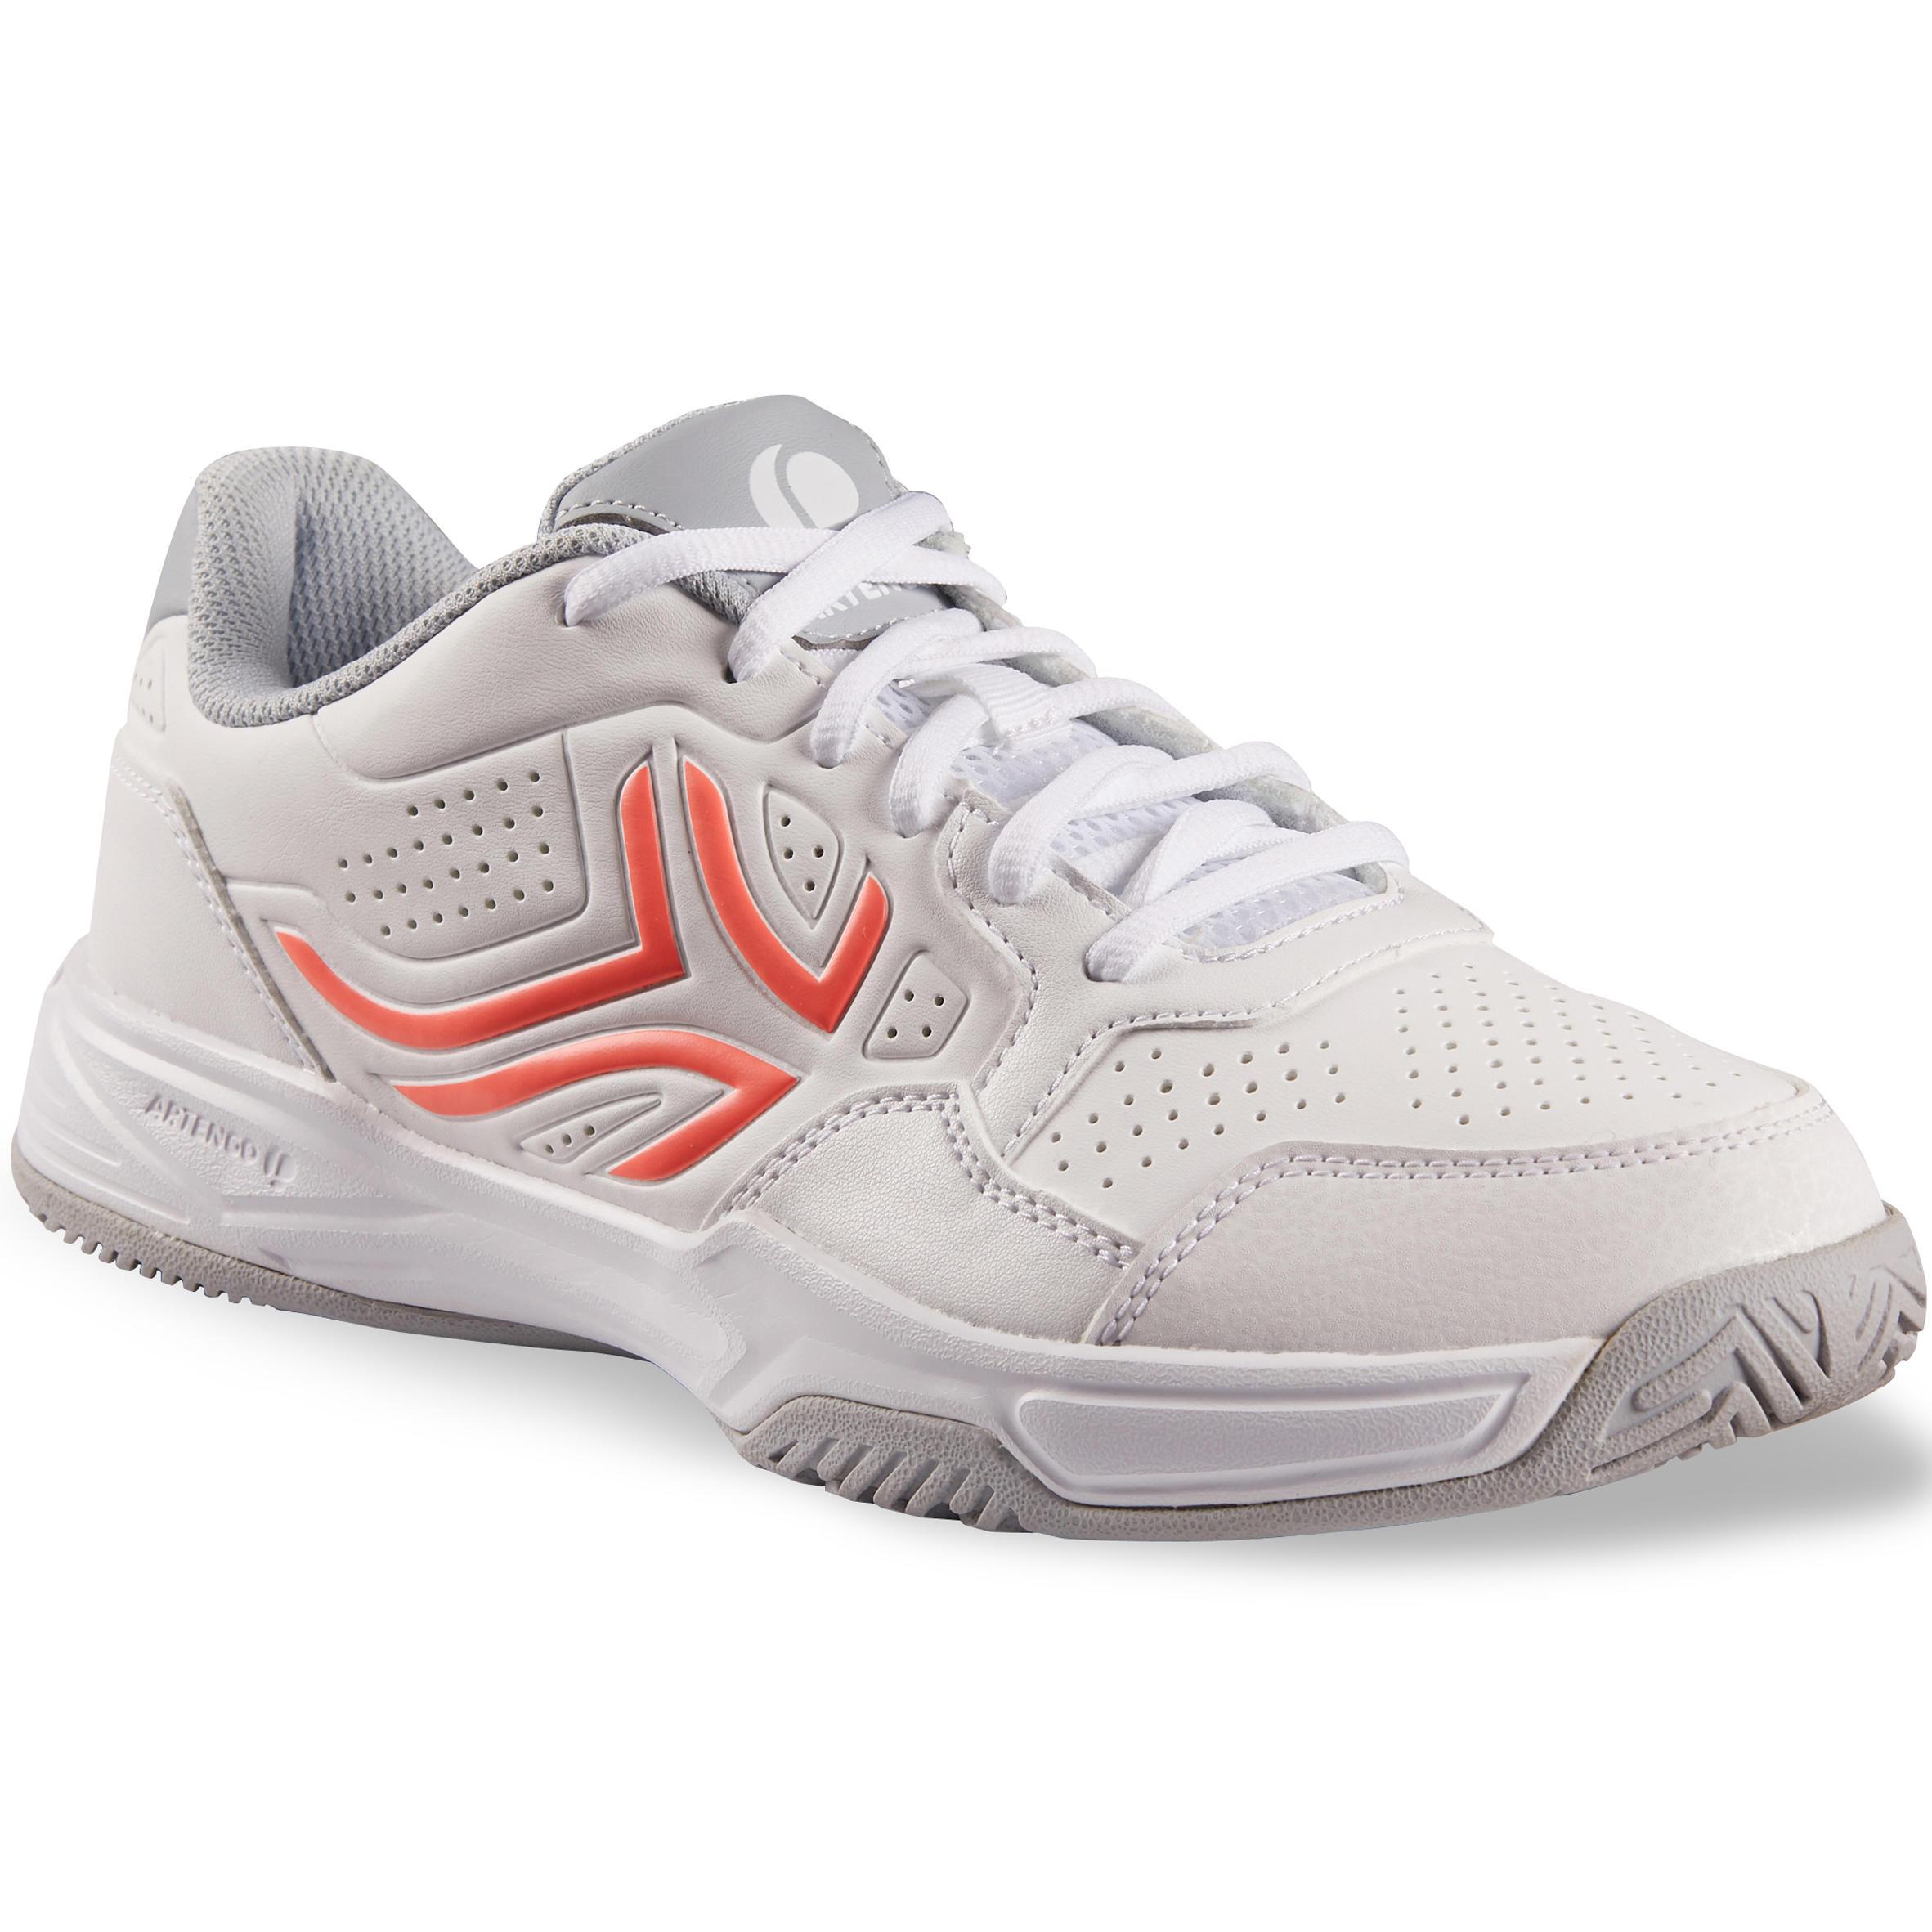 Chaussures De Tennis Ts 190 Femme